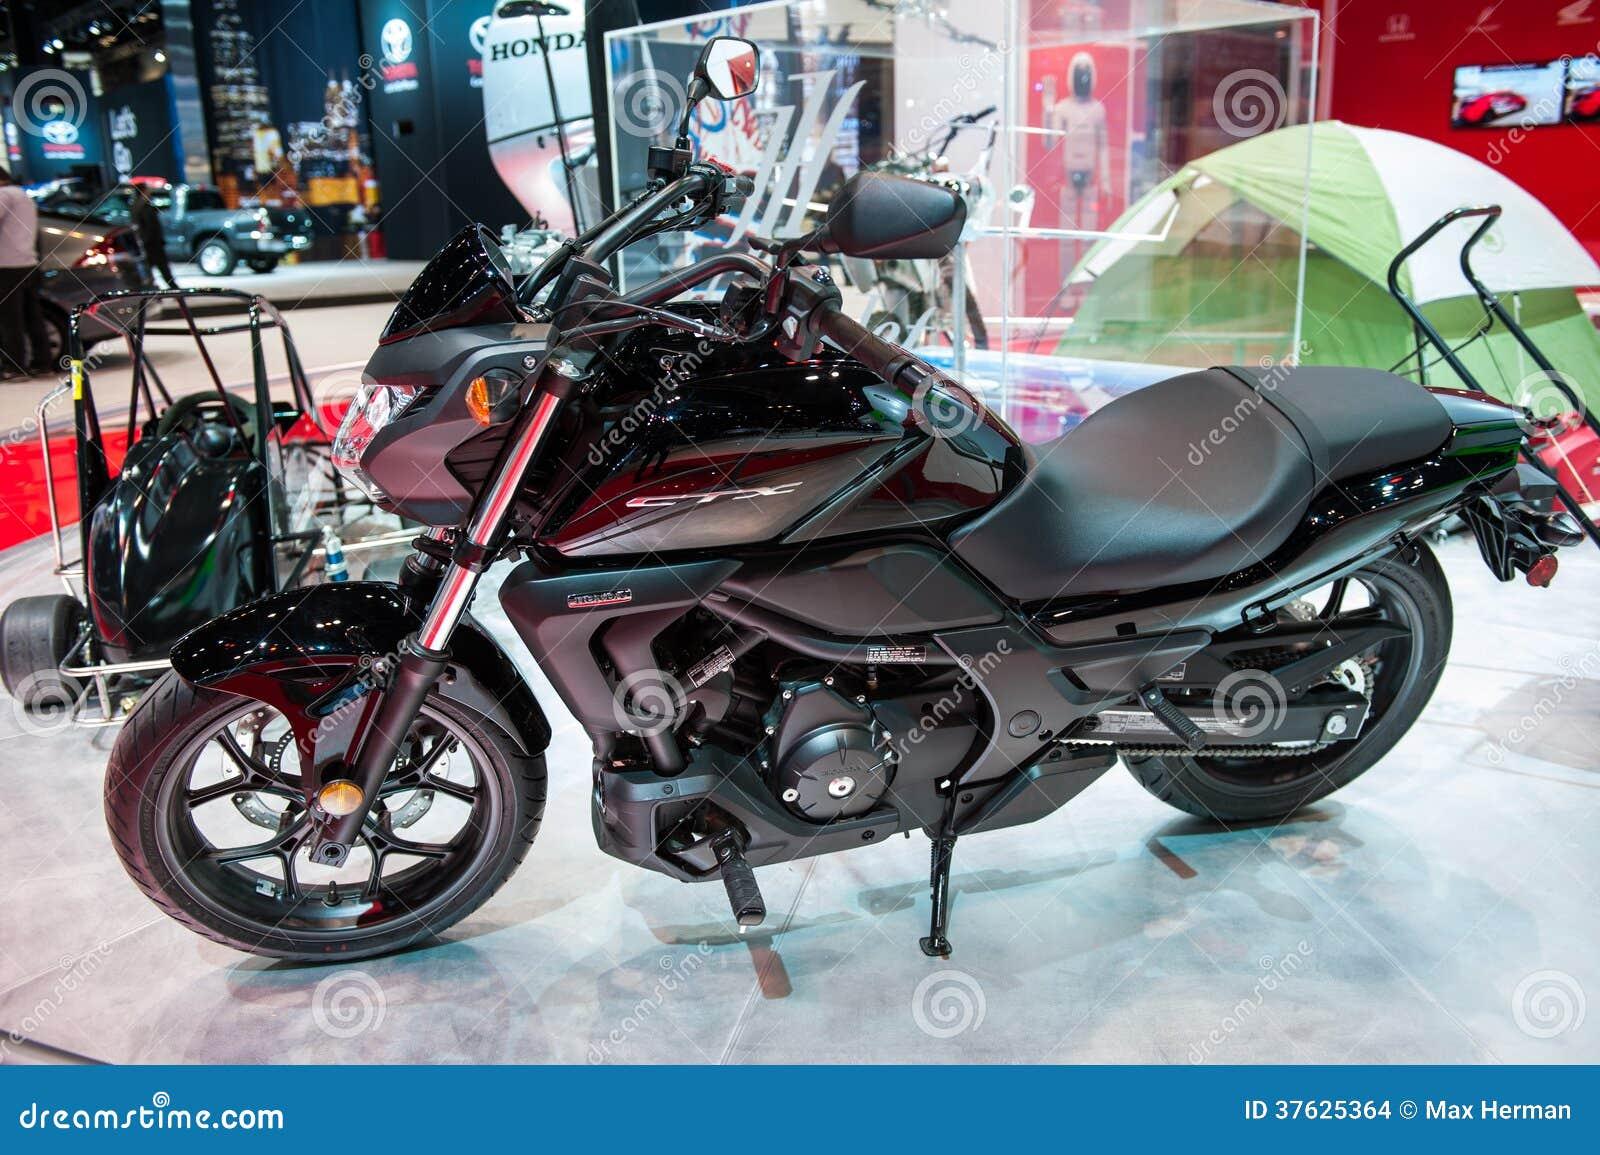 Kelebihan Kekurangan Honda Gtx Spesifikasi